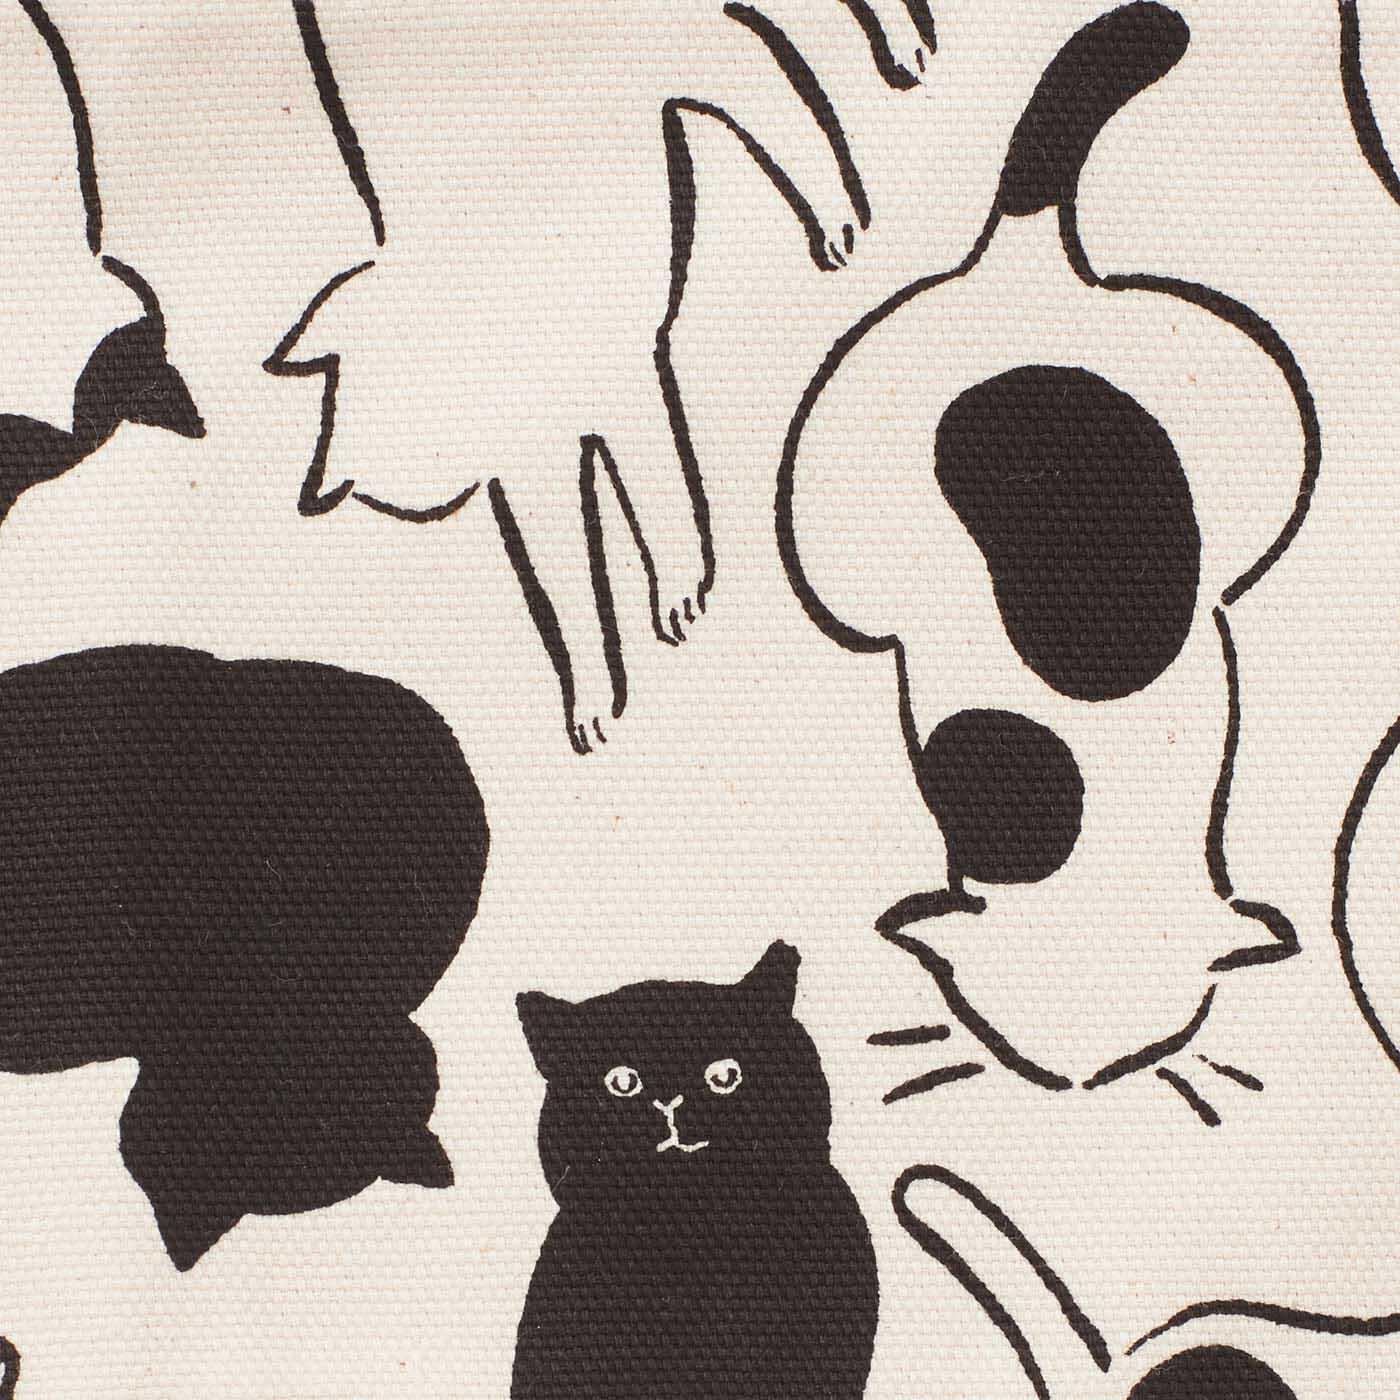 クリエイティブガールズの山中玲奈さんが描きおろしてくださったかわいい子猫柄。